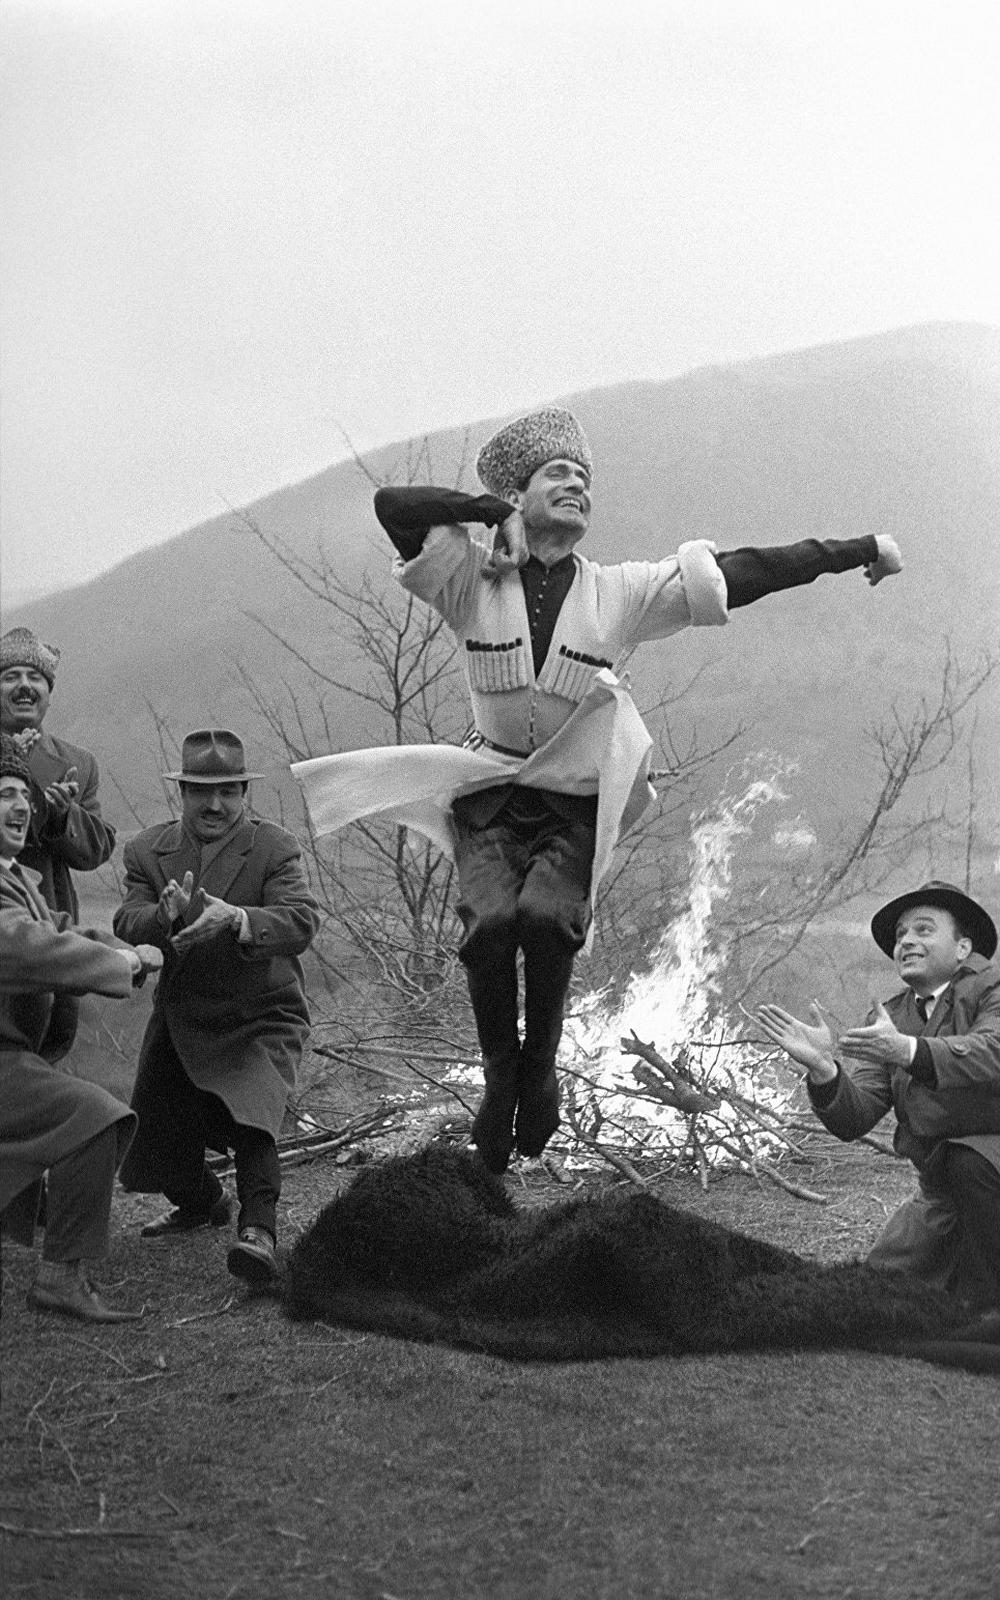 Жизнь СССР в фотографиях Юрия Абрамочкина 33 1